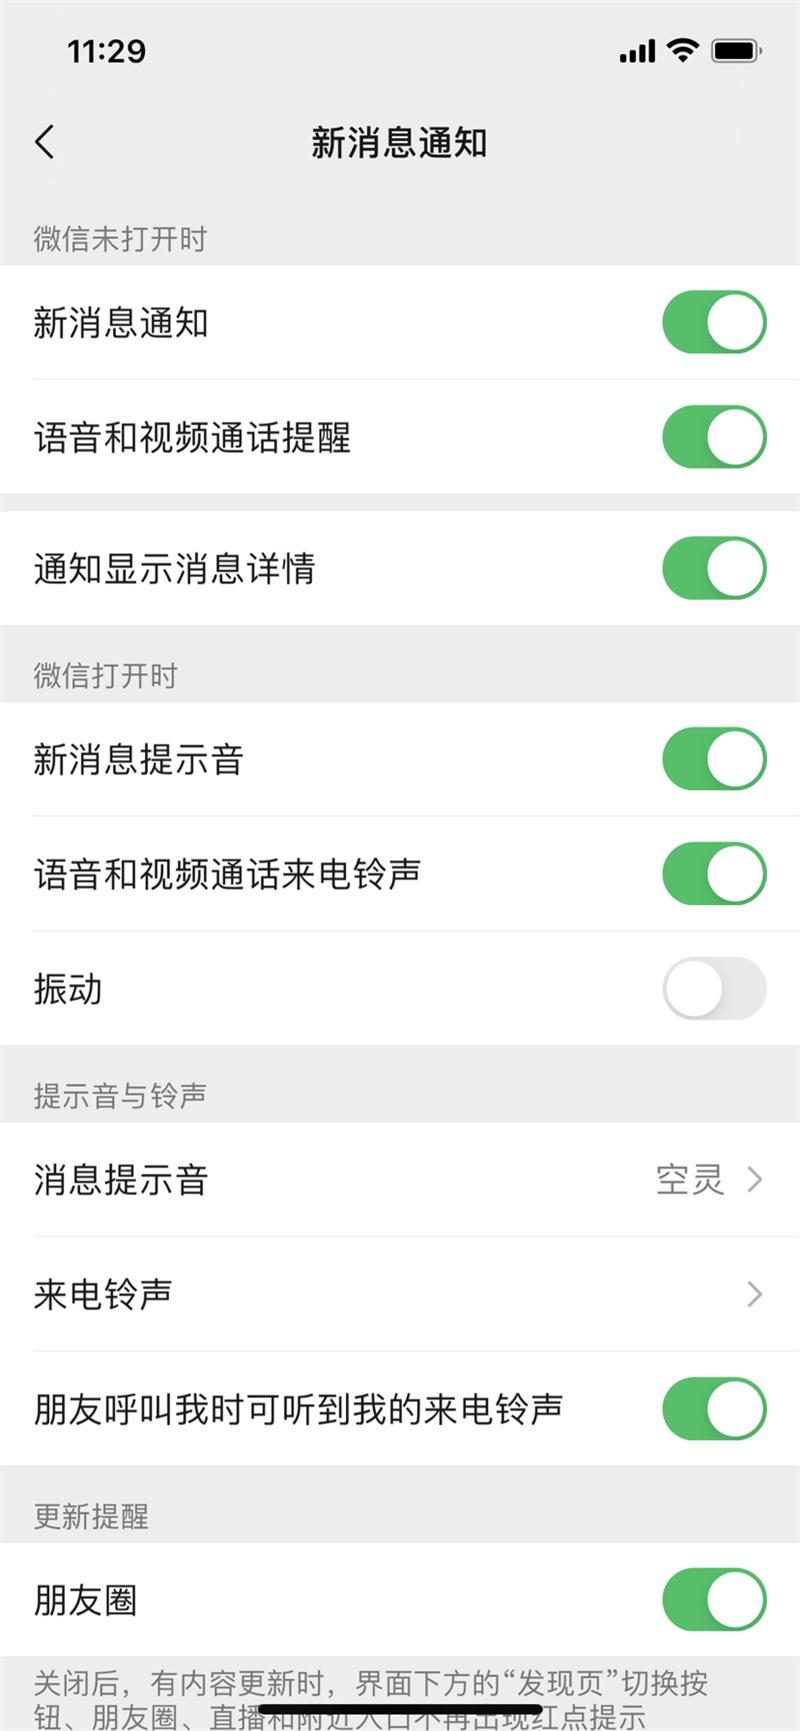 微信8.0.8安卓版更新下载官方版图片1